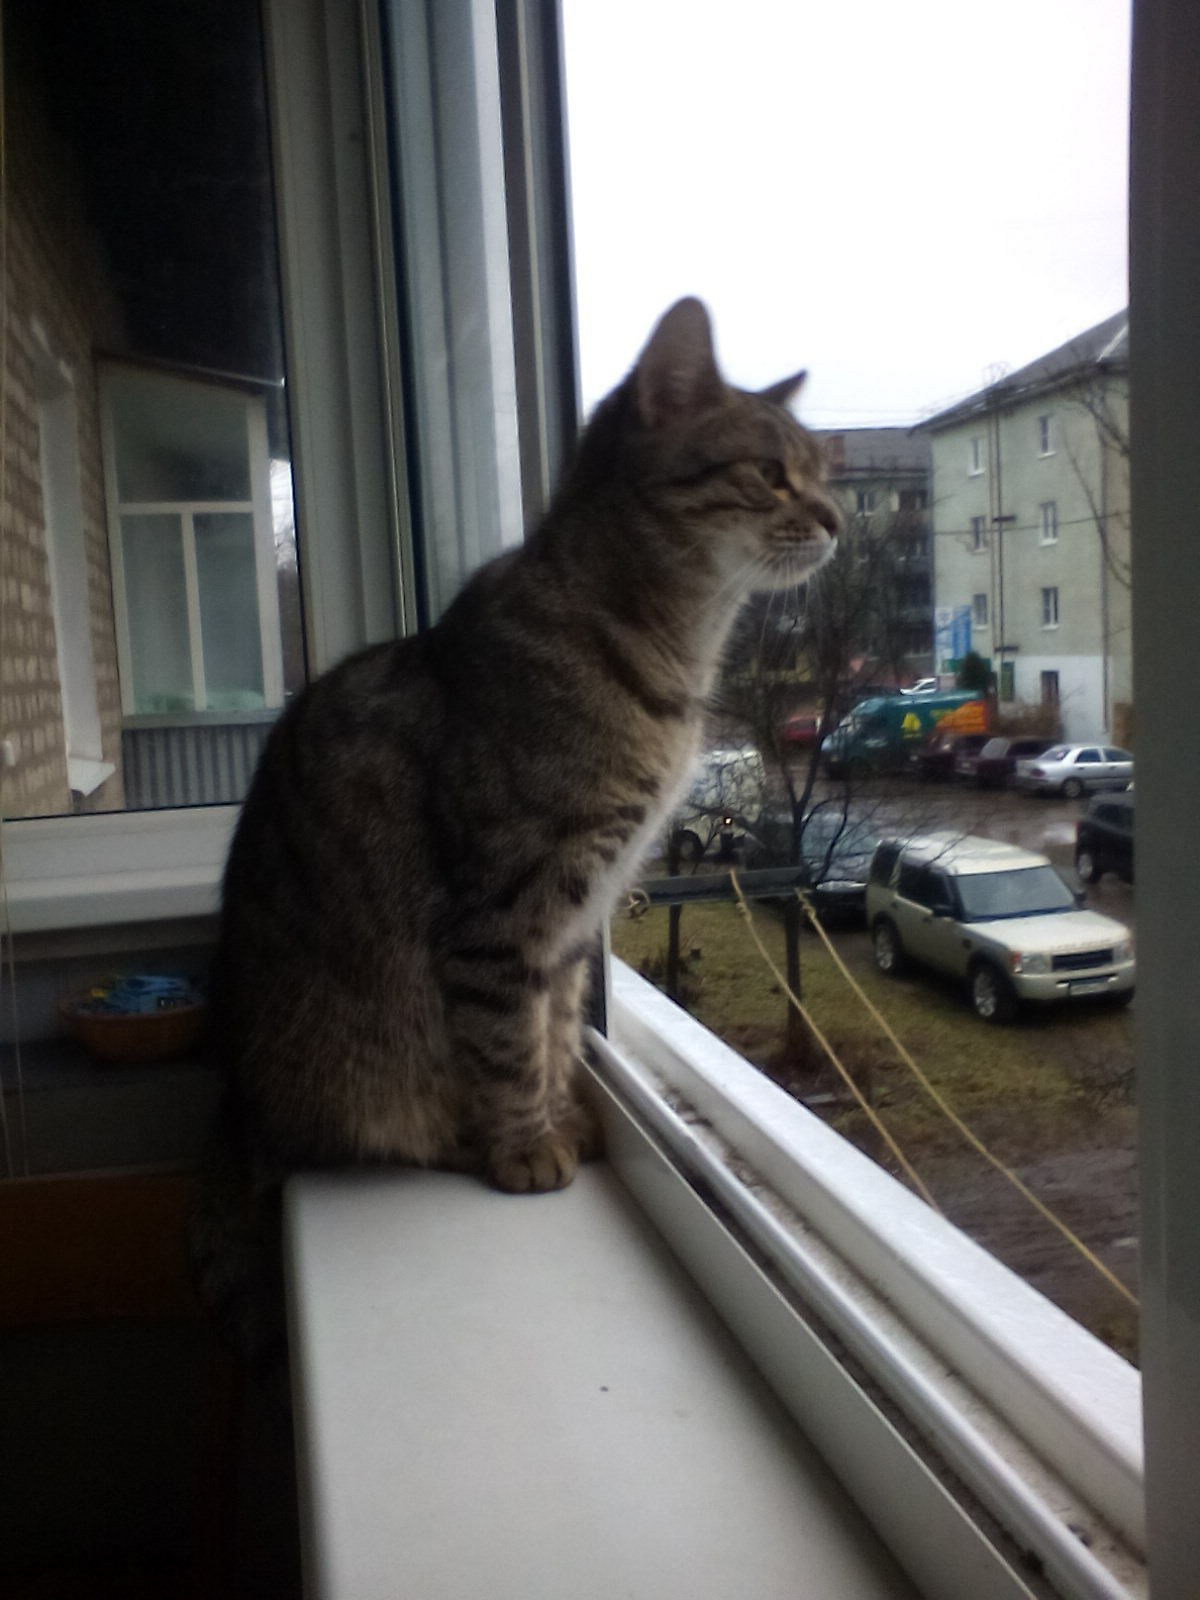 Срочно отдам в добрые руки молодую кошку, на улицу не выходила, жила в квартире.